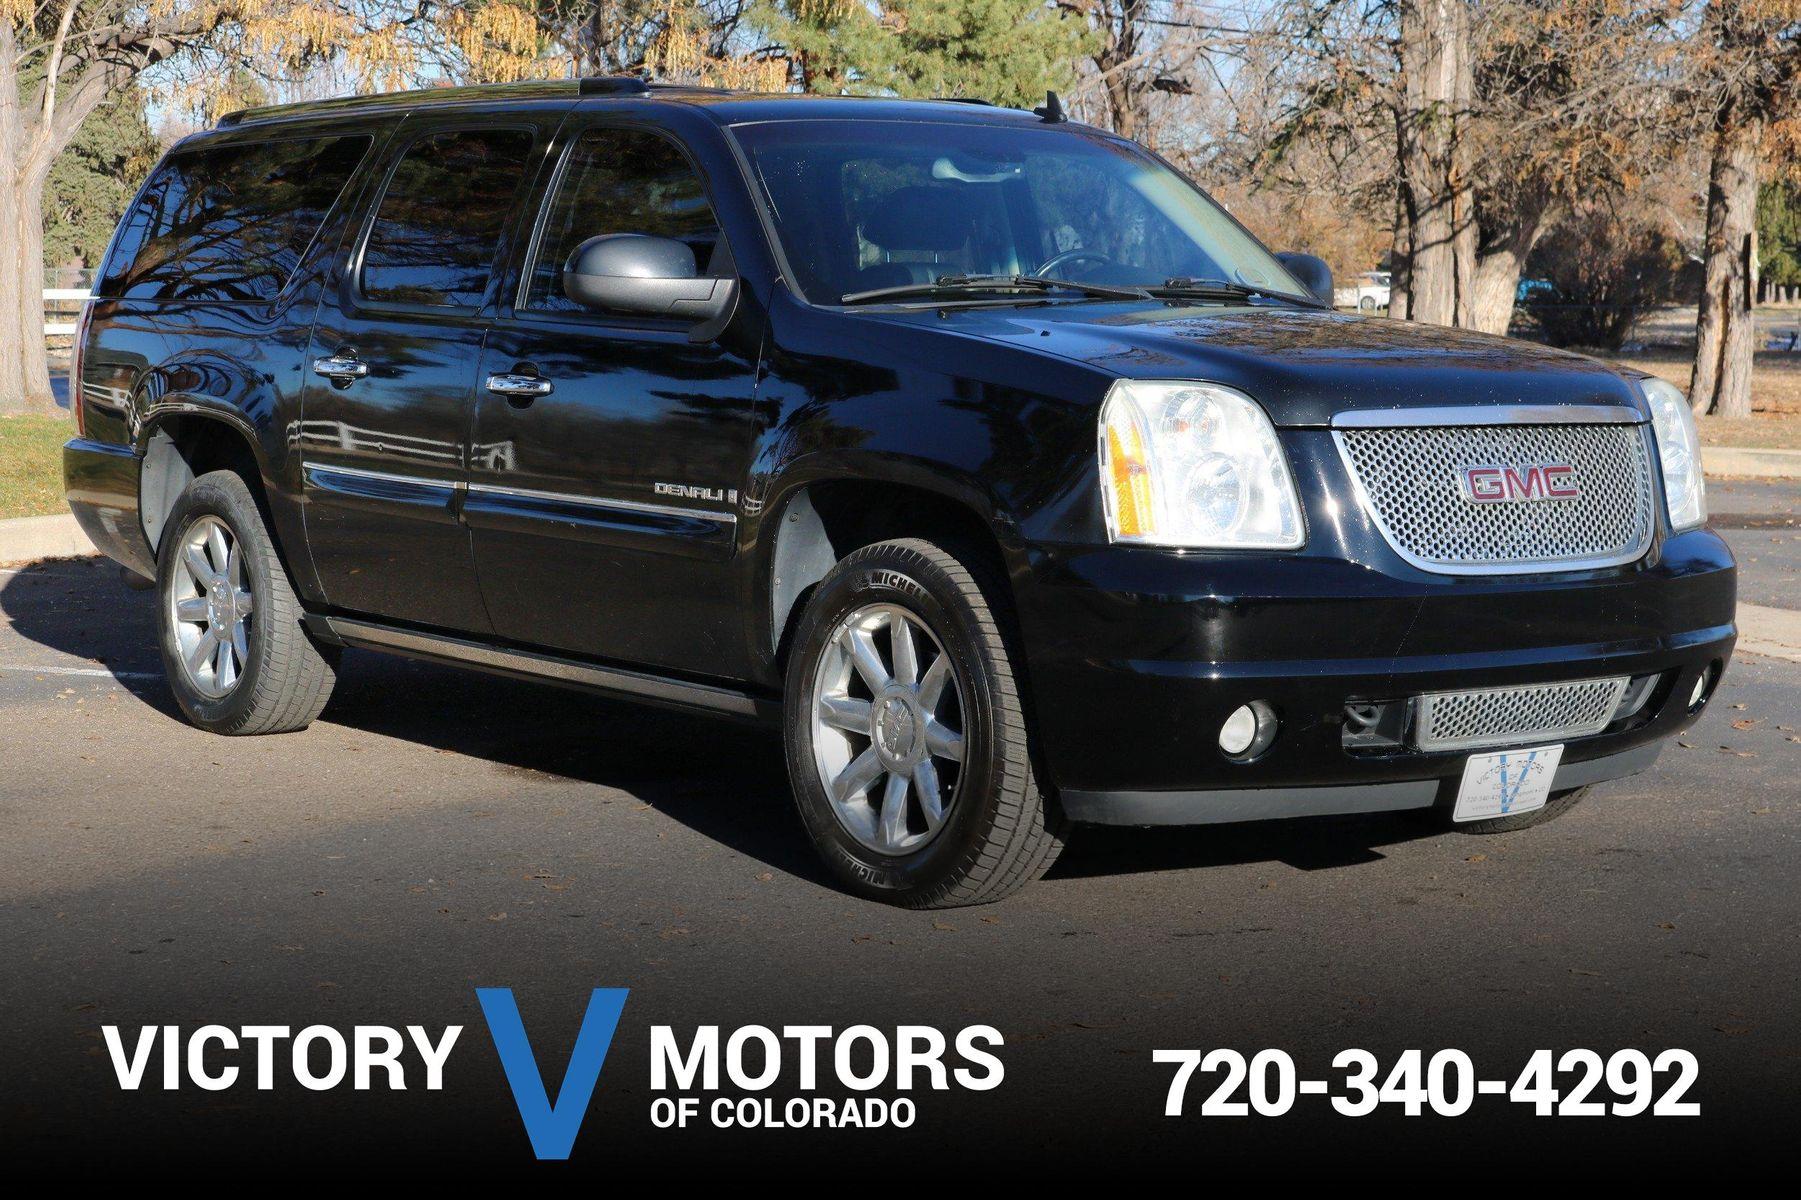 2007 Gmc Yukon Xl Denali Victory Motors Of Colorado